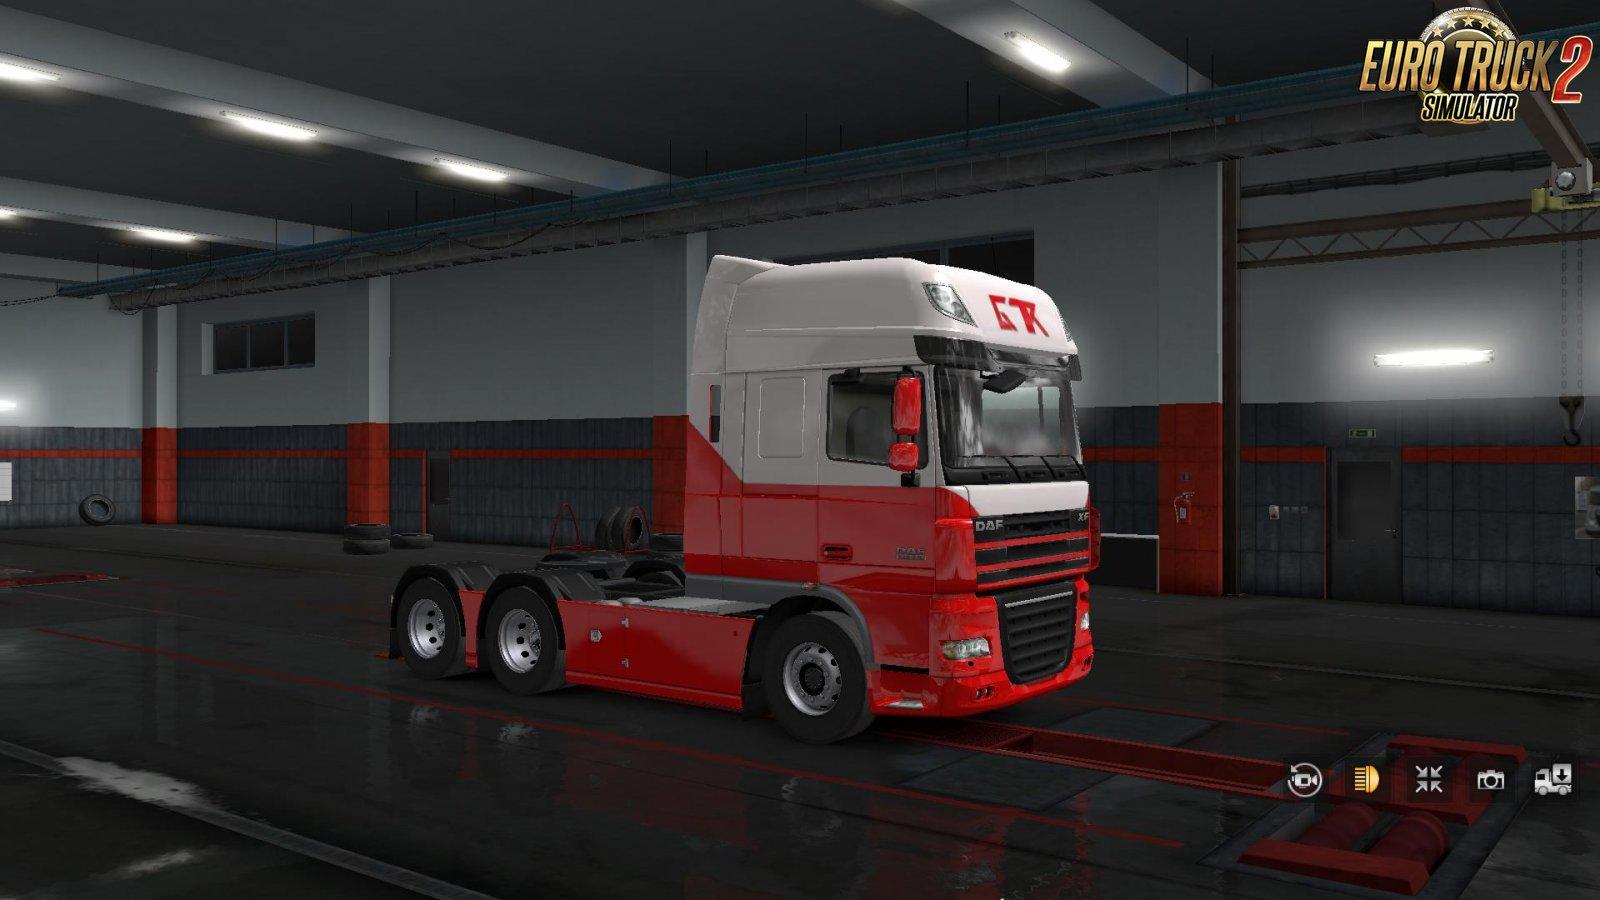 Transport & Logistics Skin Pack for DAF XF 105 in Ets2